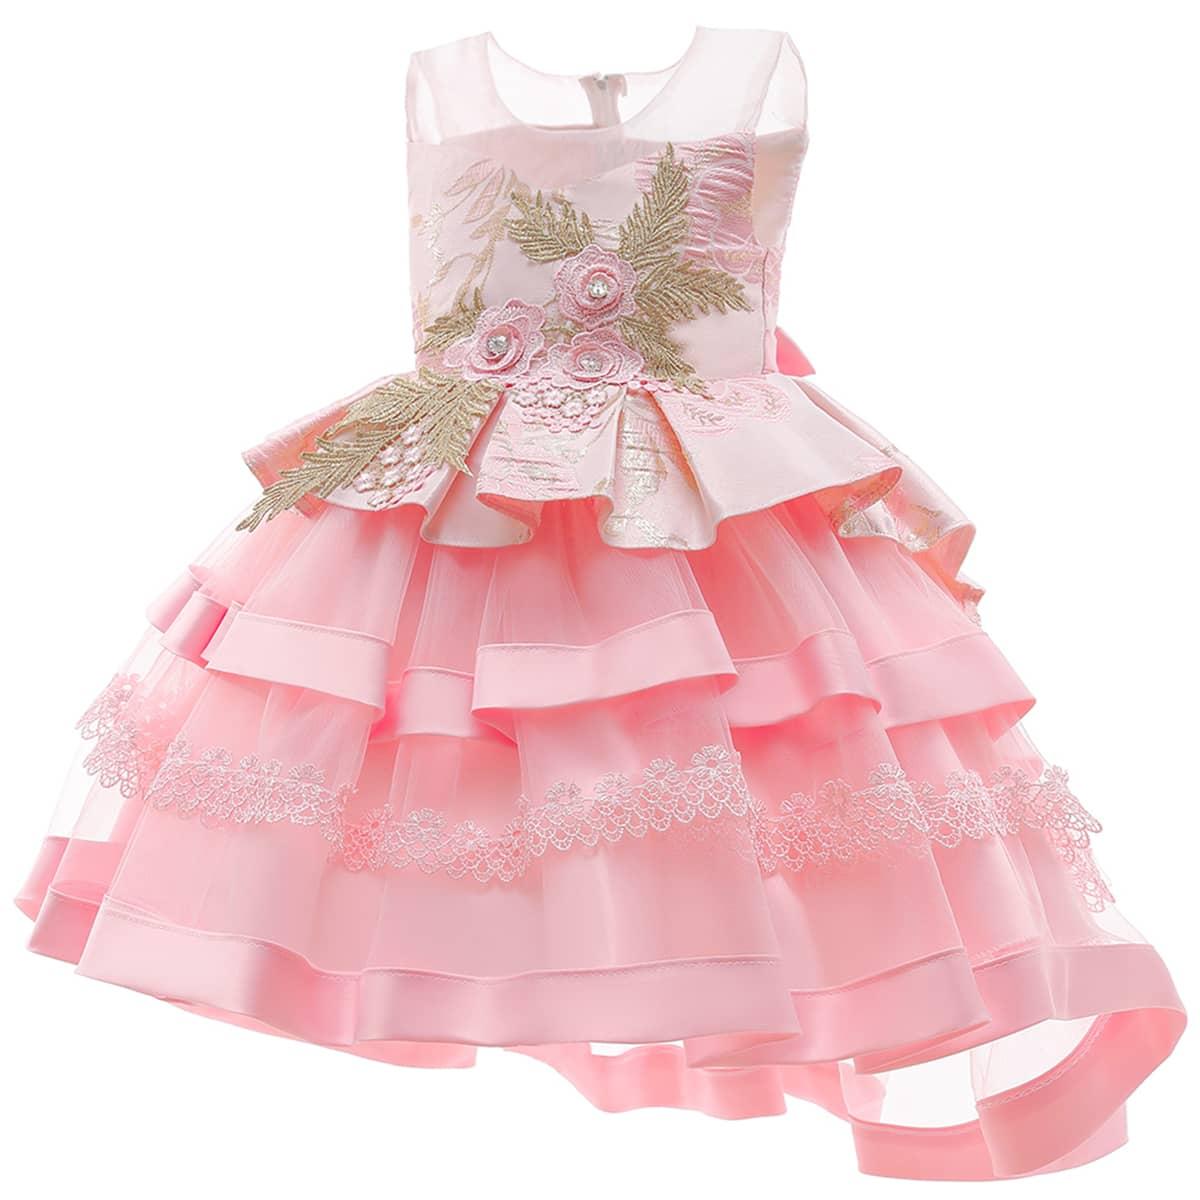 Контрастная сетка с вышивкой узел сзади Многослойный на молнии Со цветочками Очаровательный Нарядное платье для девочек